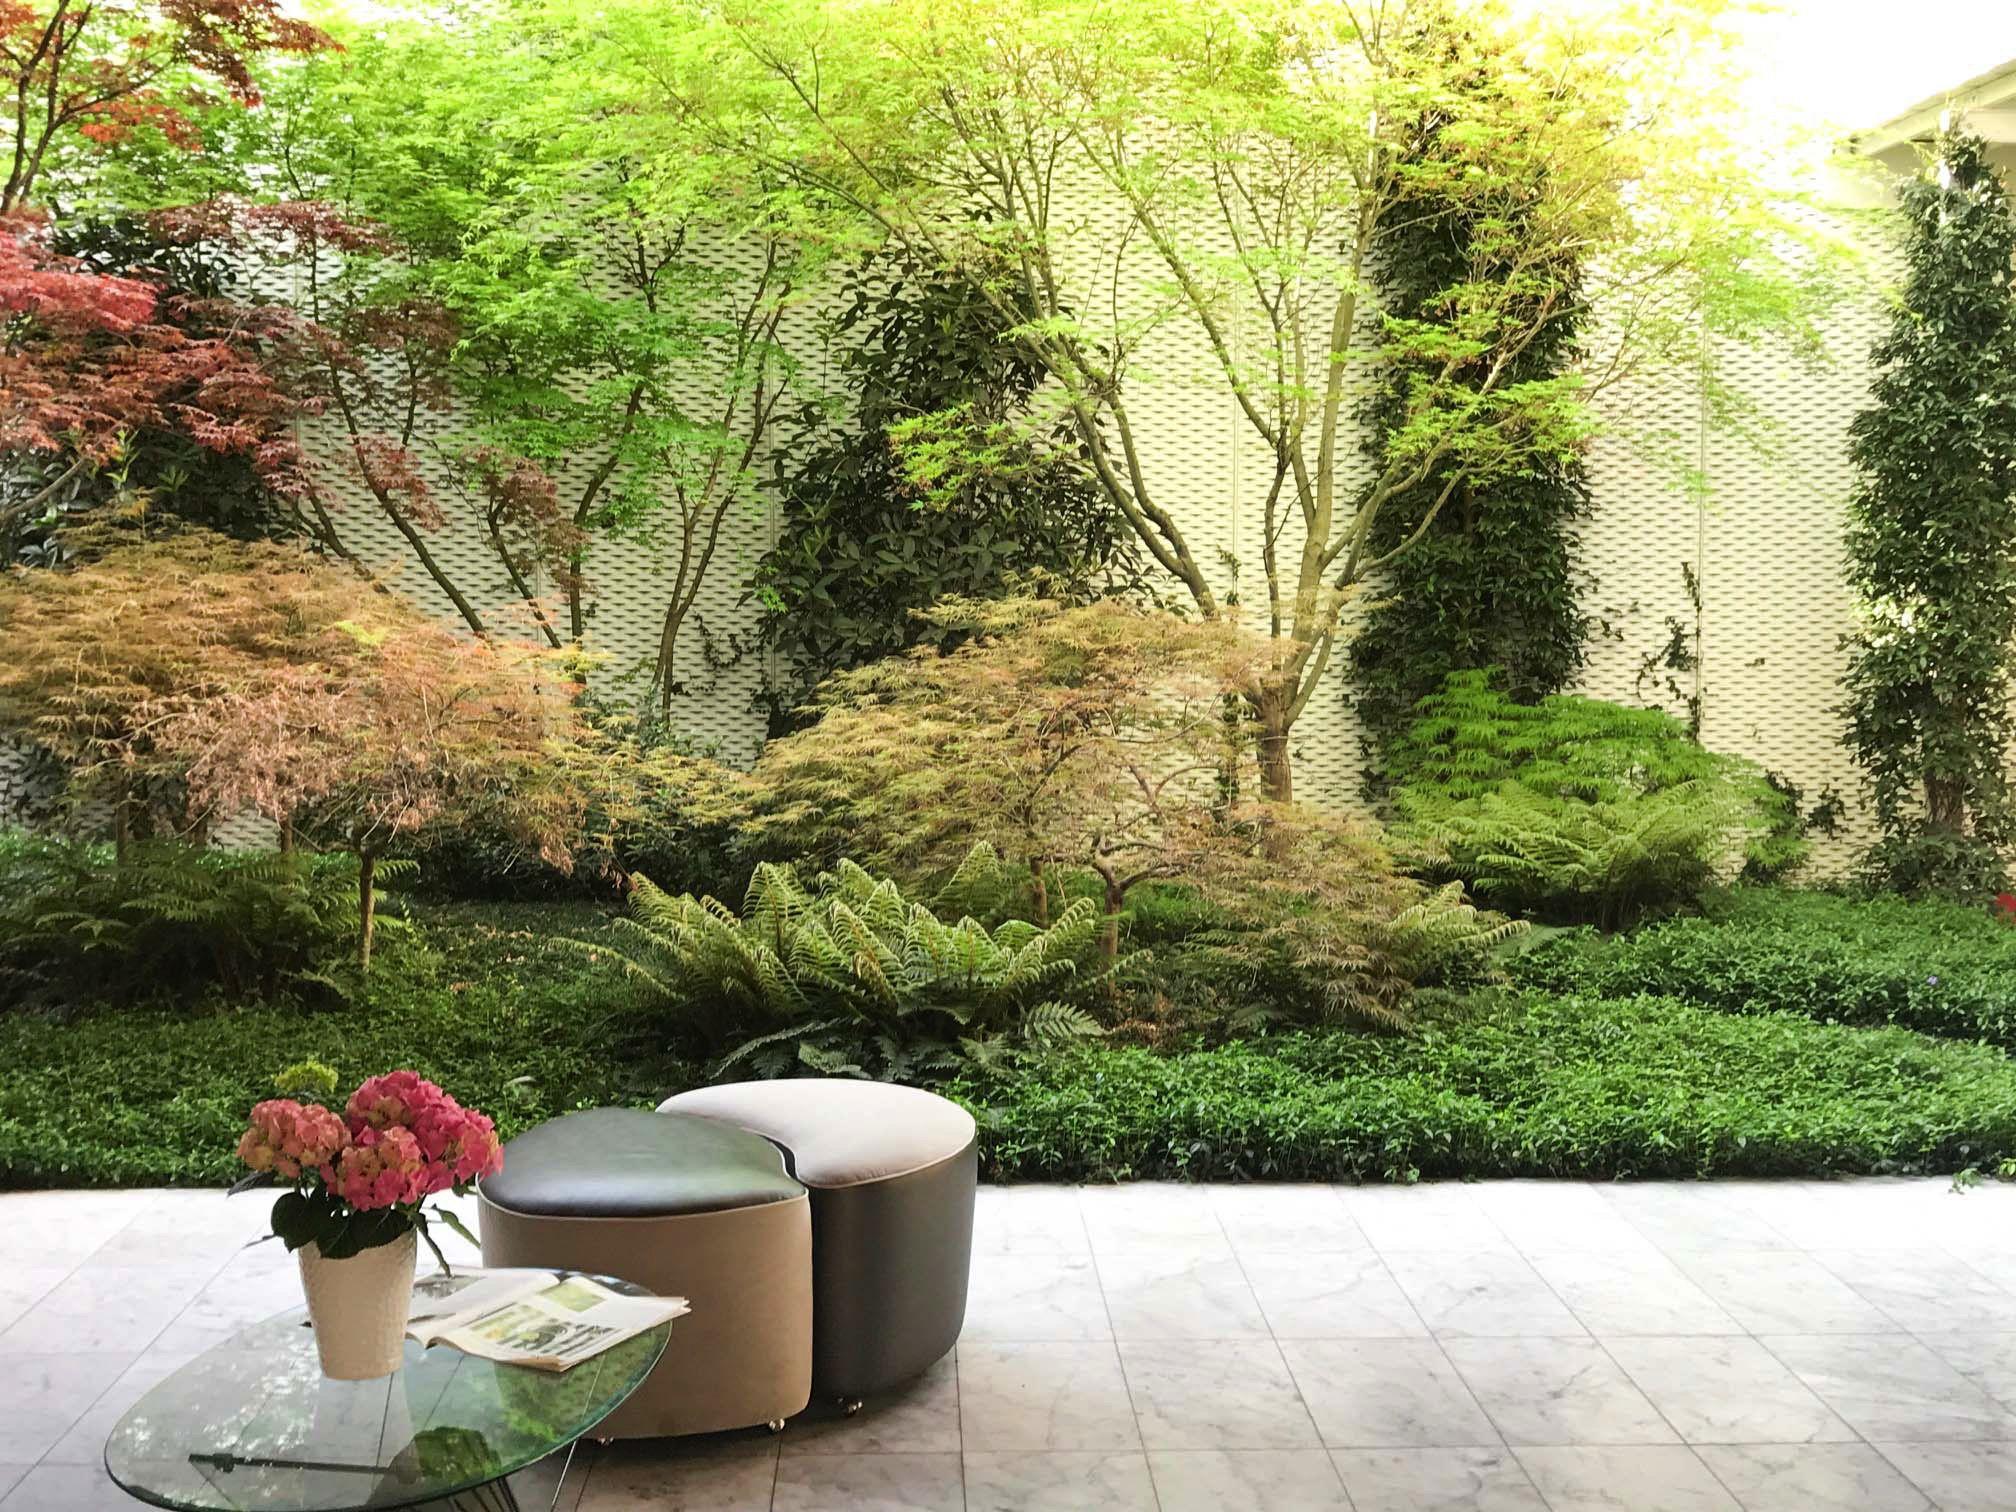 Sistemare Giardino Di Casa alcune idee originali per sistemare il giardino di casa